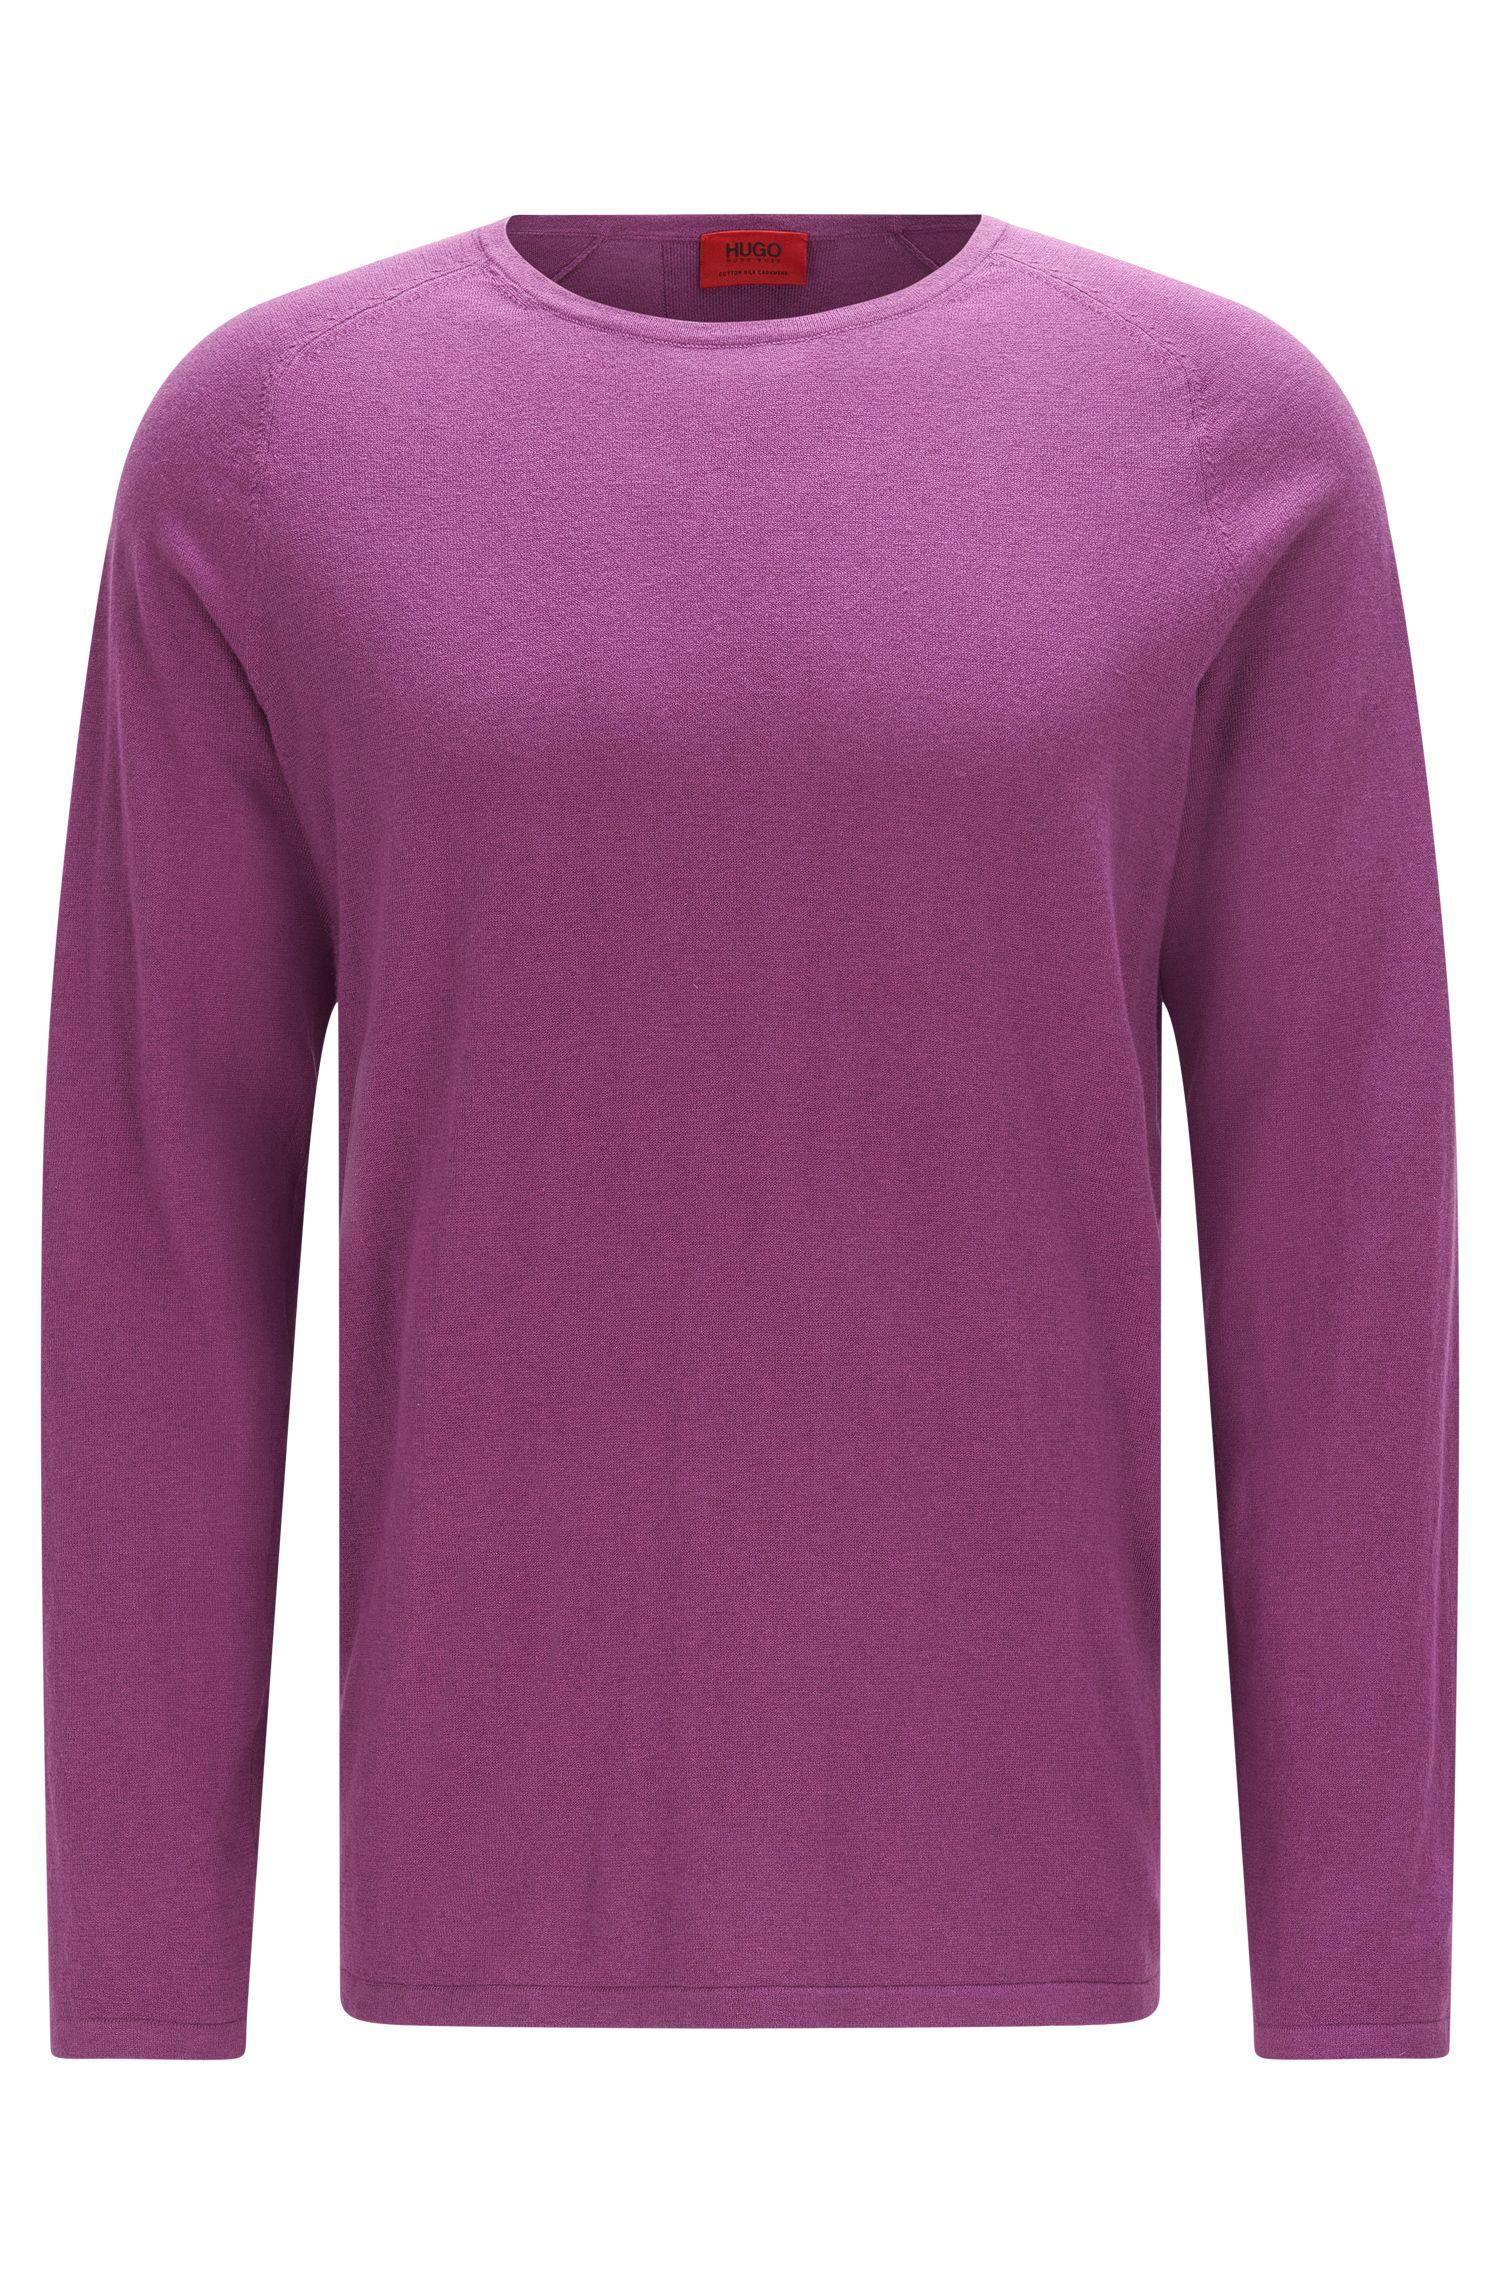 Jersey slim fit en mezcla de algodón con seda y cachemira: 'San Francisco'